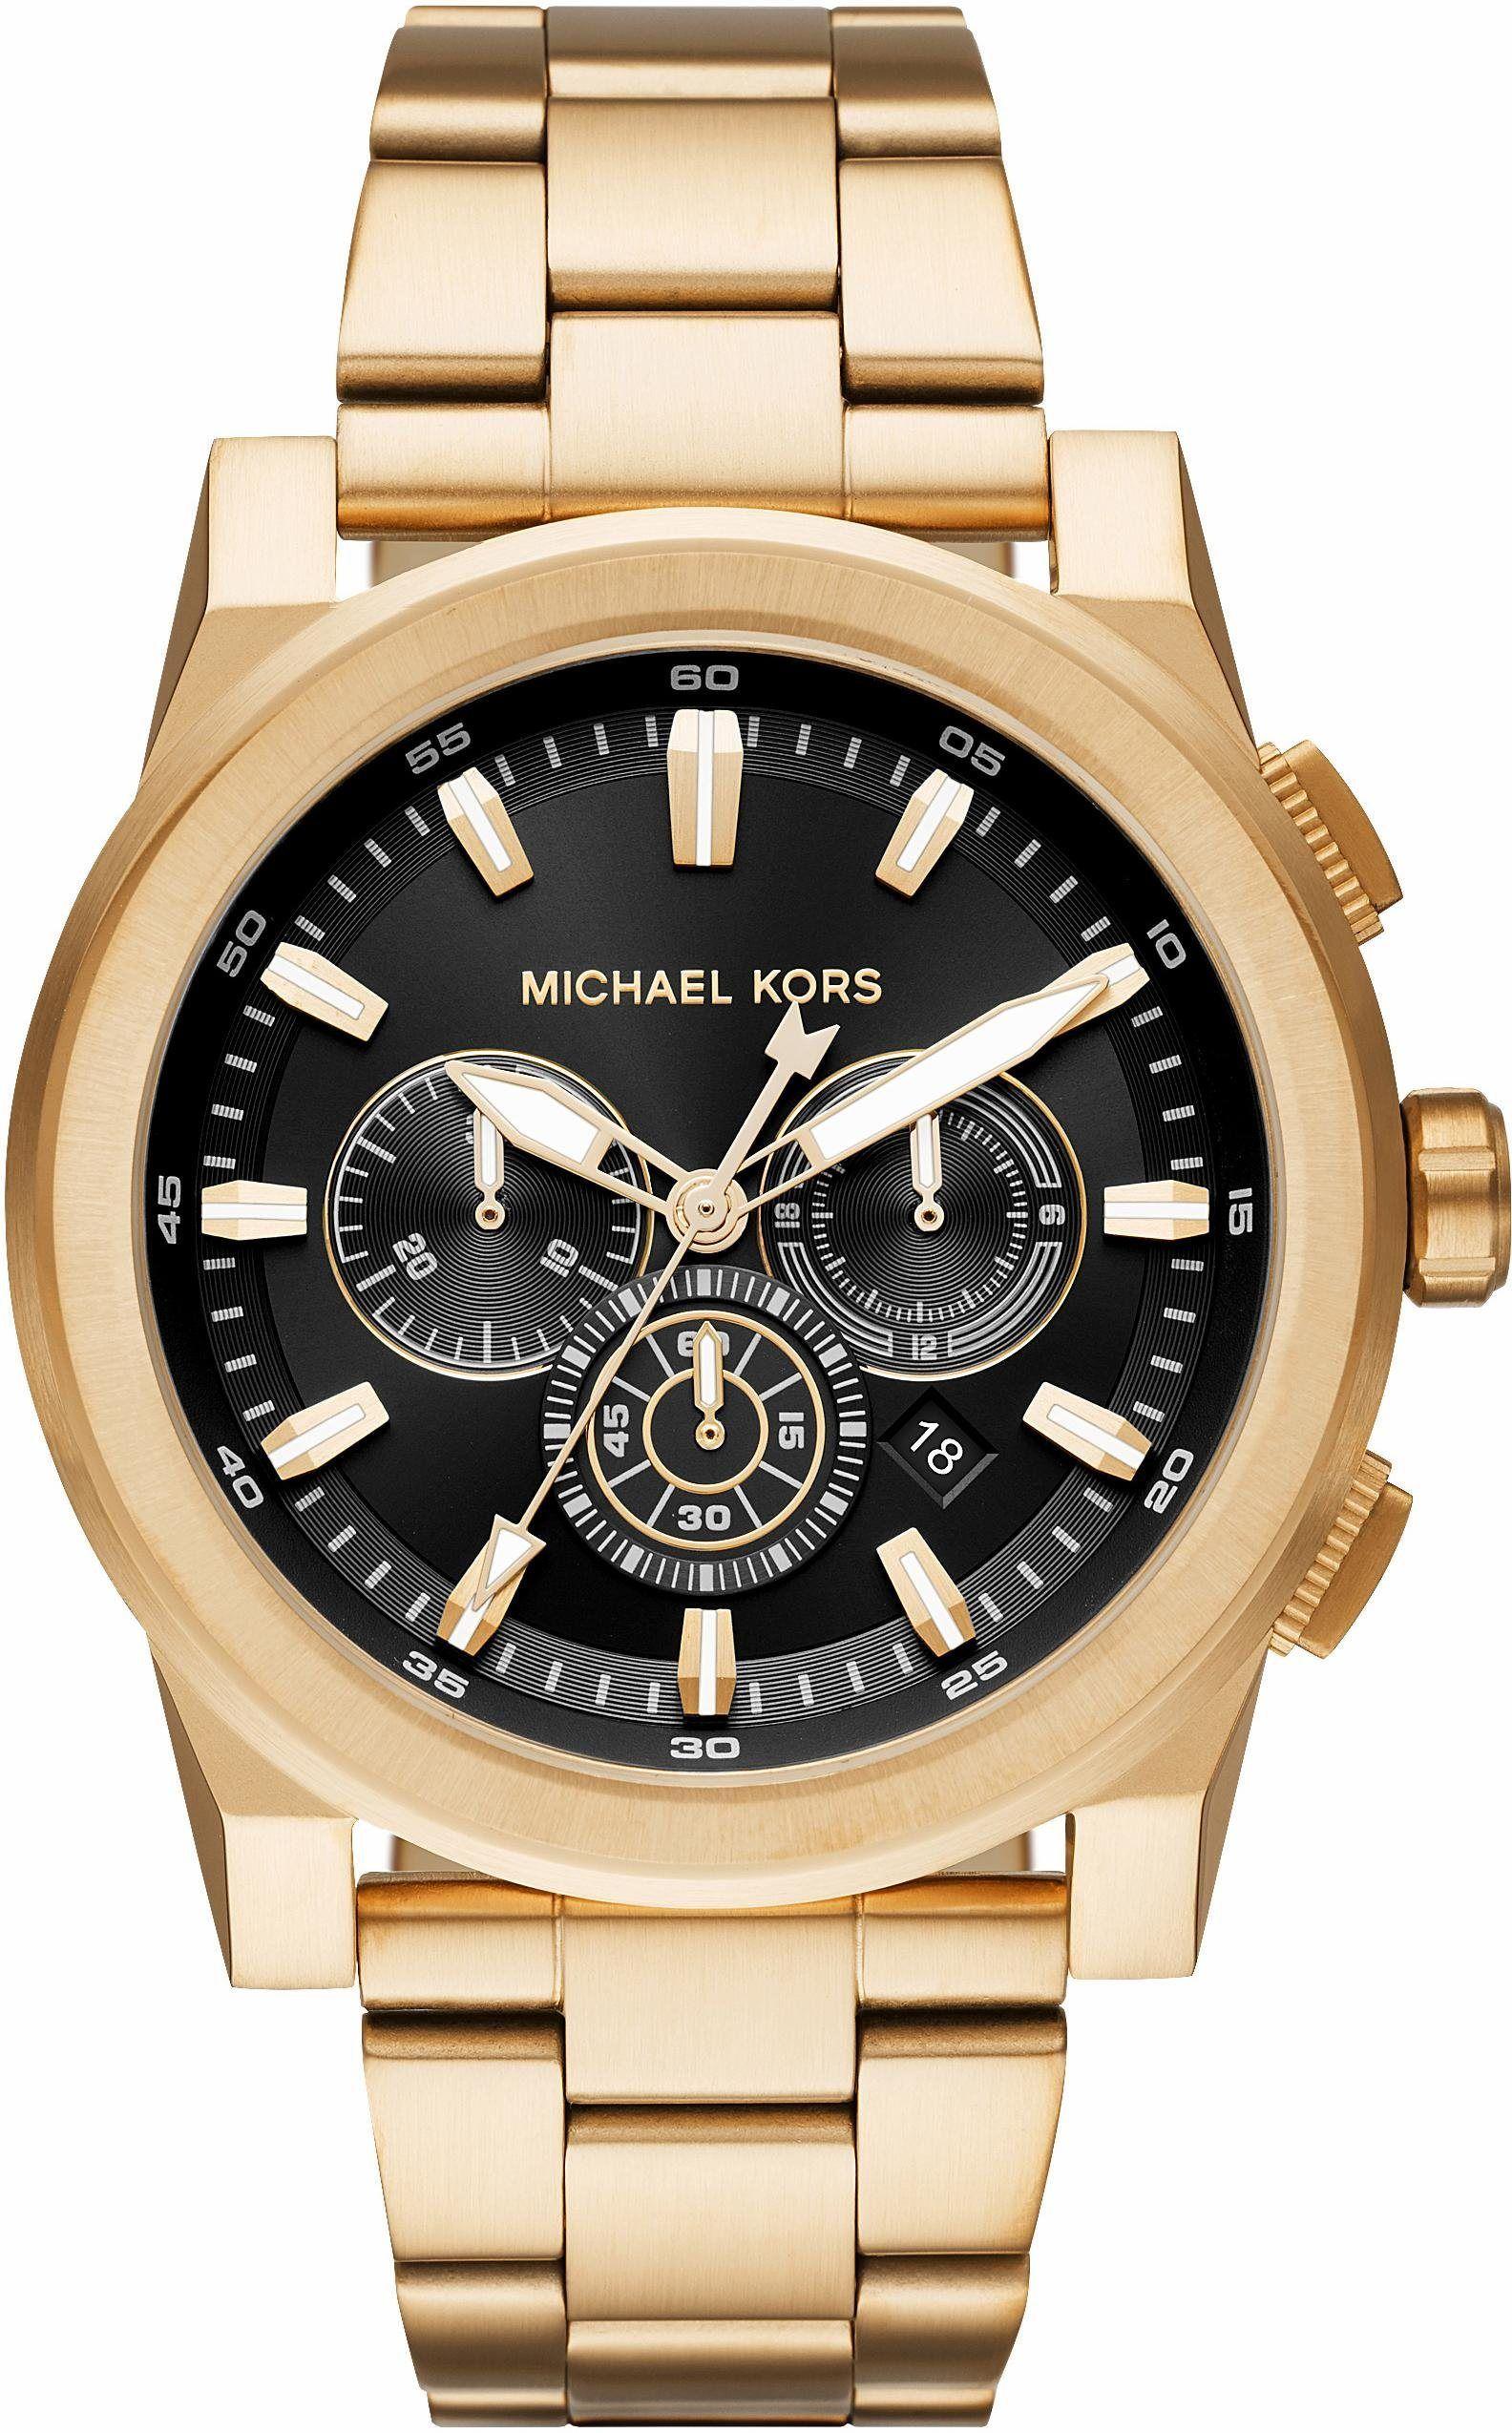 Michael Kors Chronograph Grayson Mk8599 Jetzt Bestellen Unter Https Mode Ladendirekt De He Uhren Herren Uhren Herren Chronograph Michael Kors Chronograph